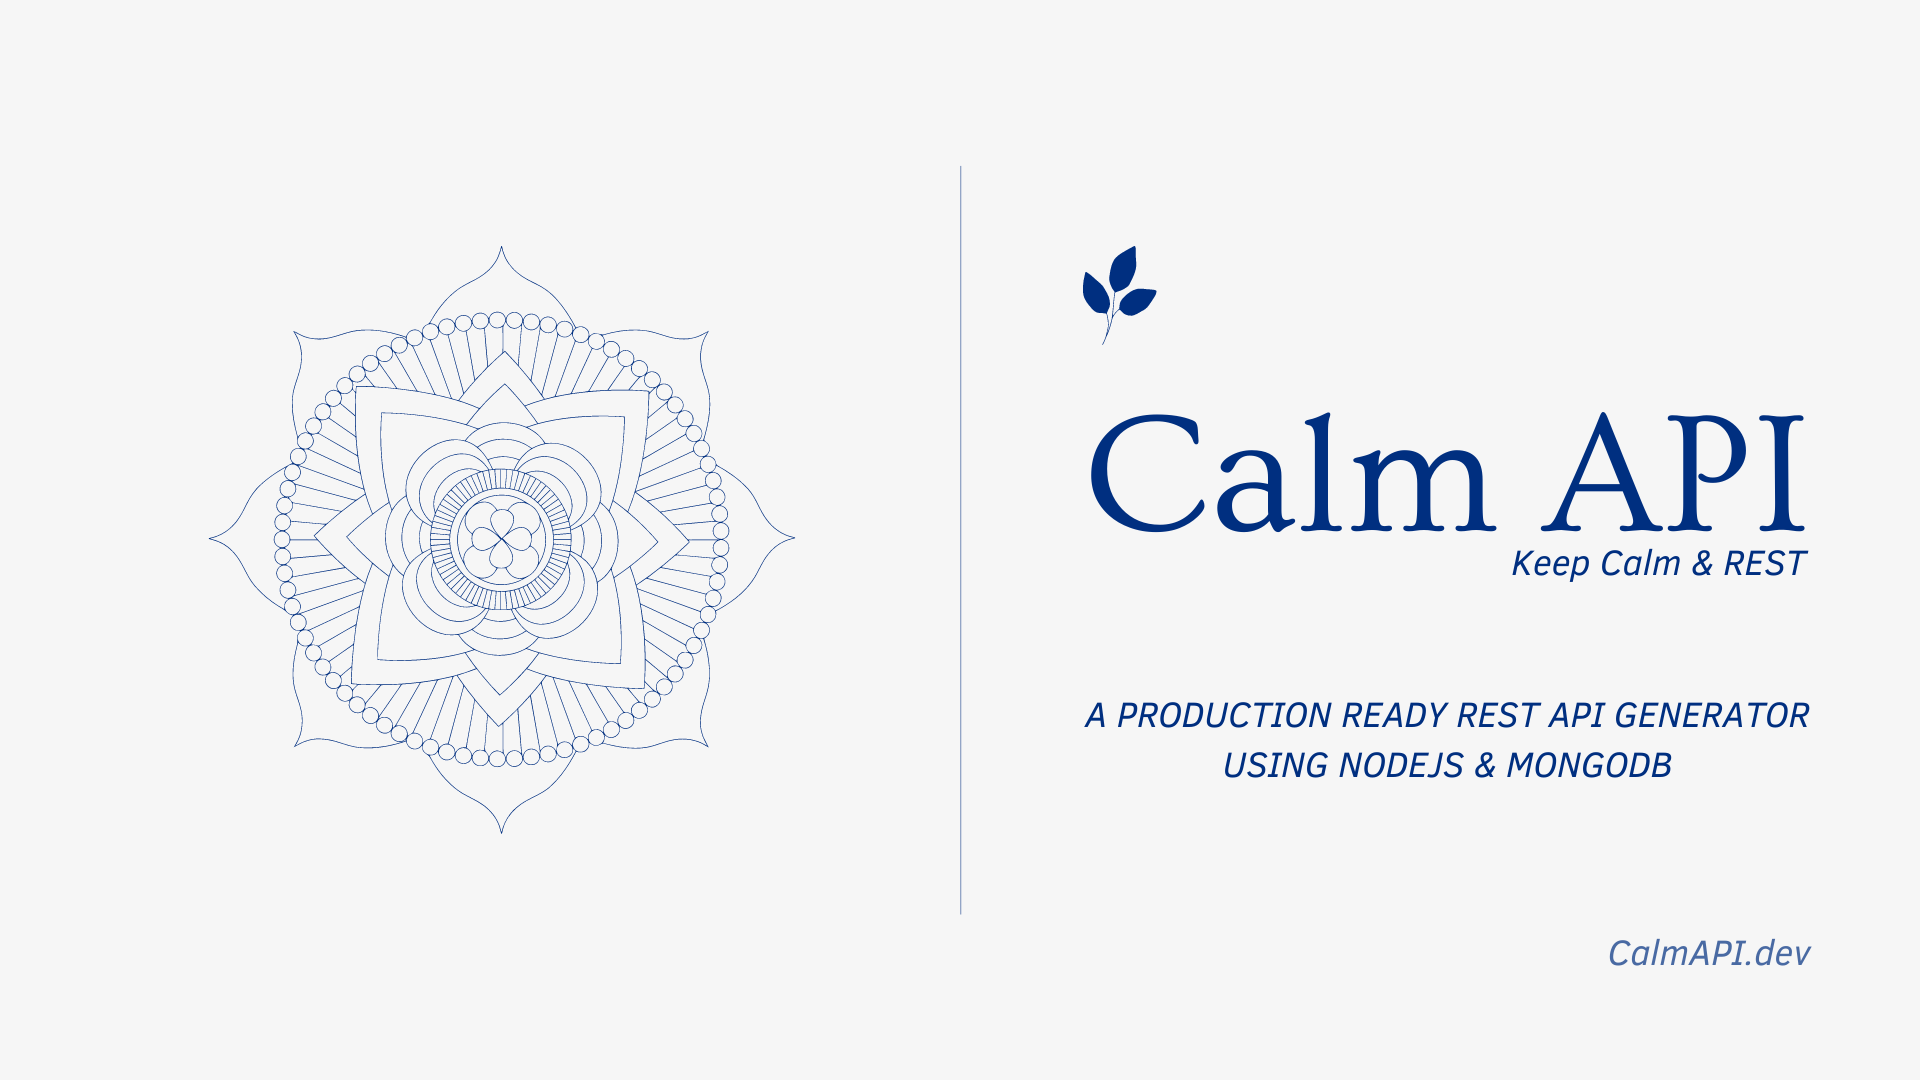 Calm API